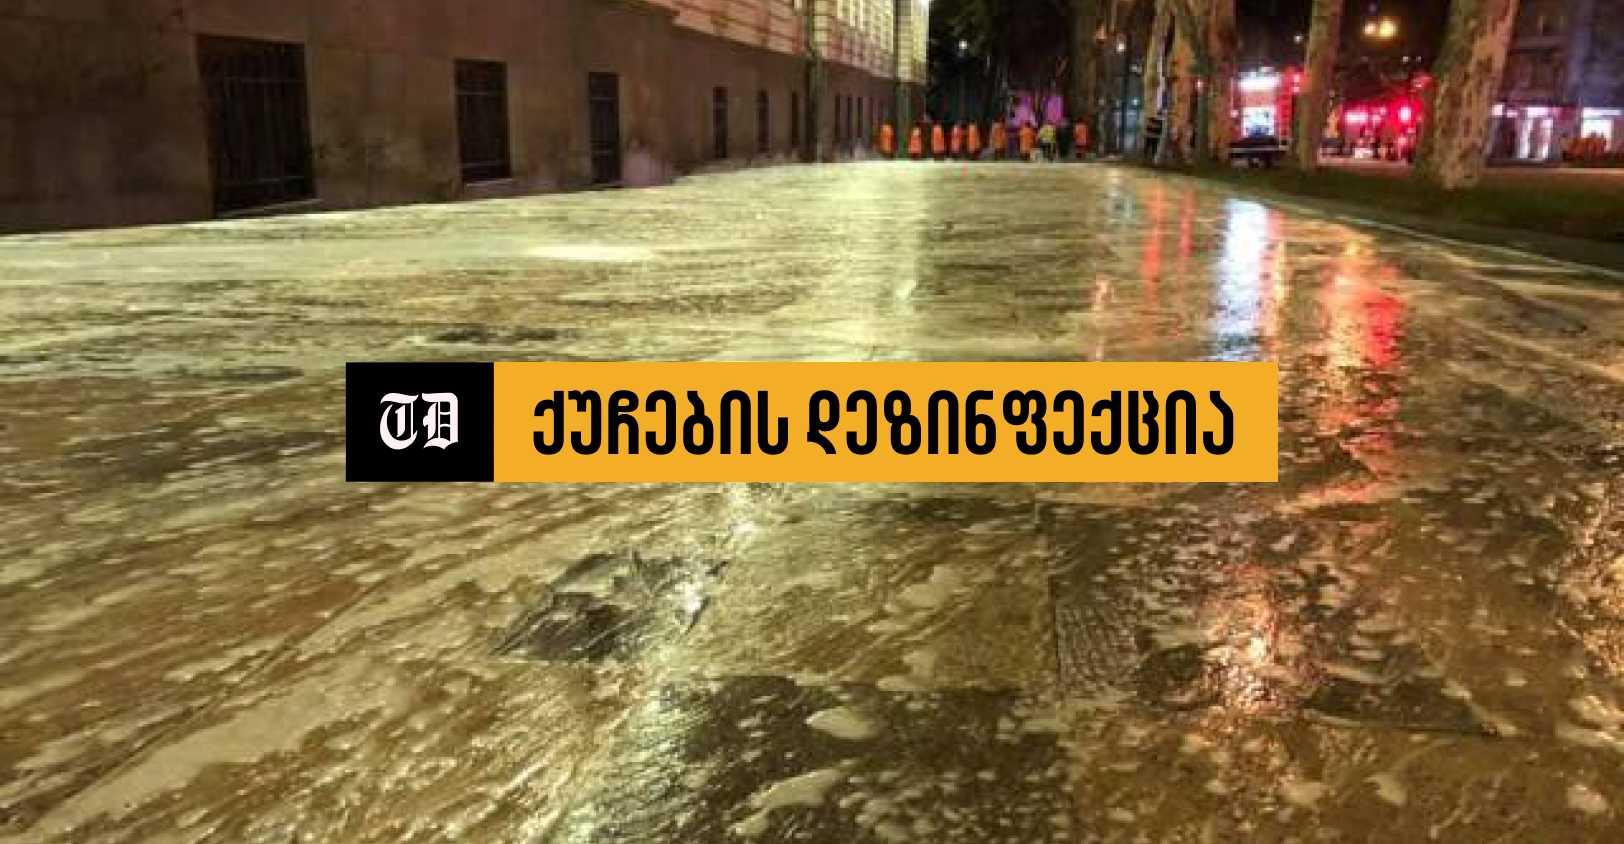 თბილისში ქუჩების დეზინფექცია გრძელდება